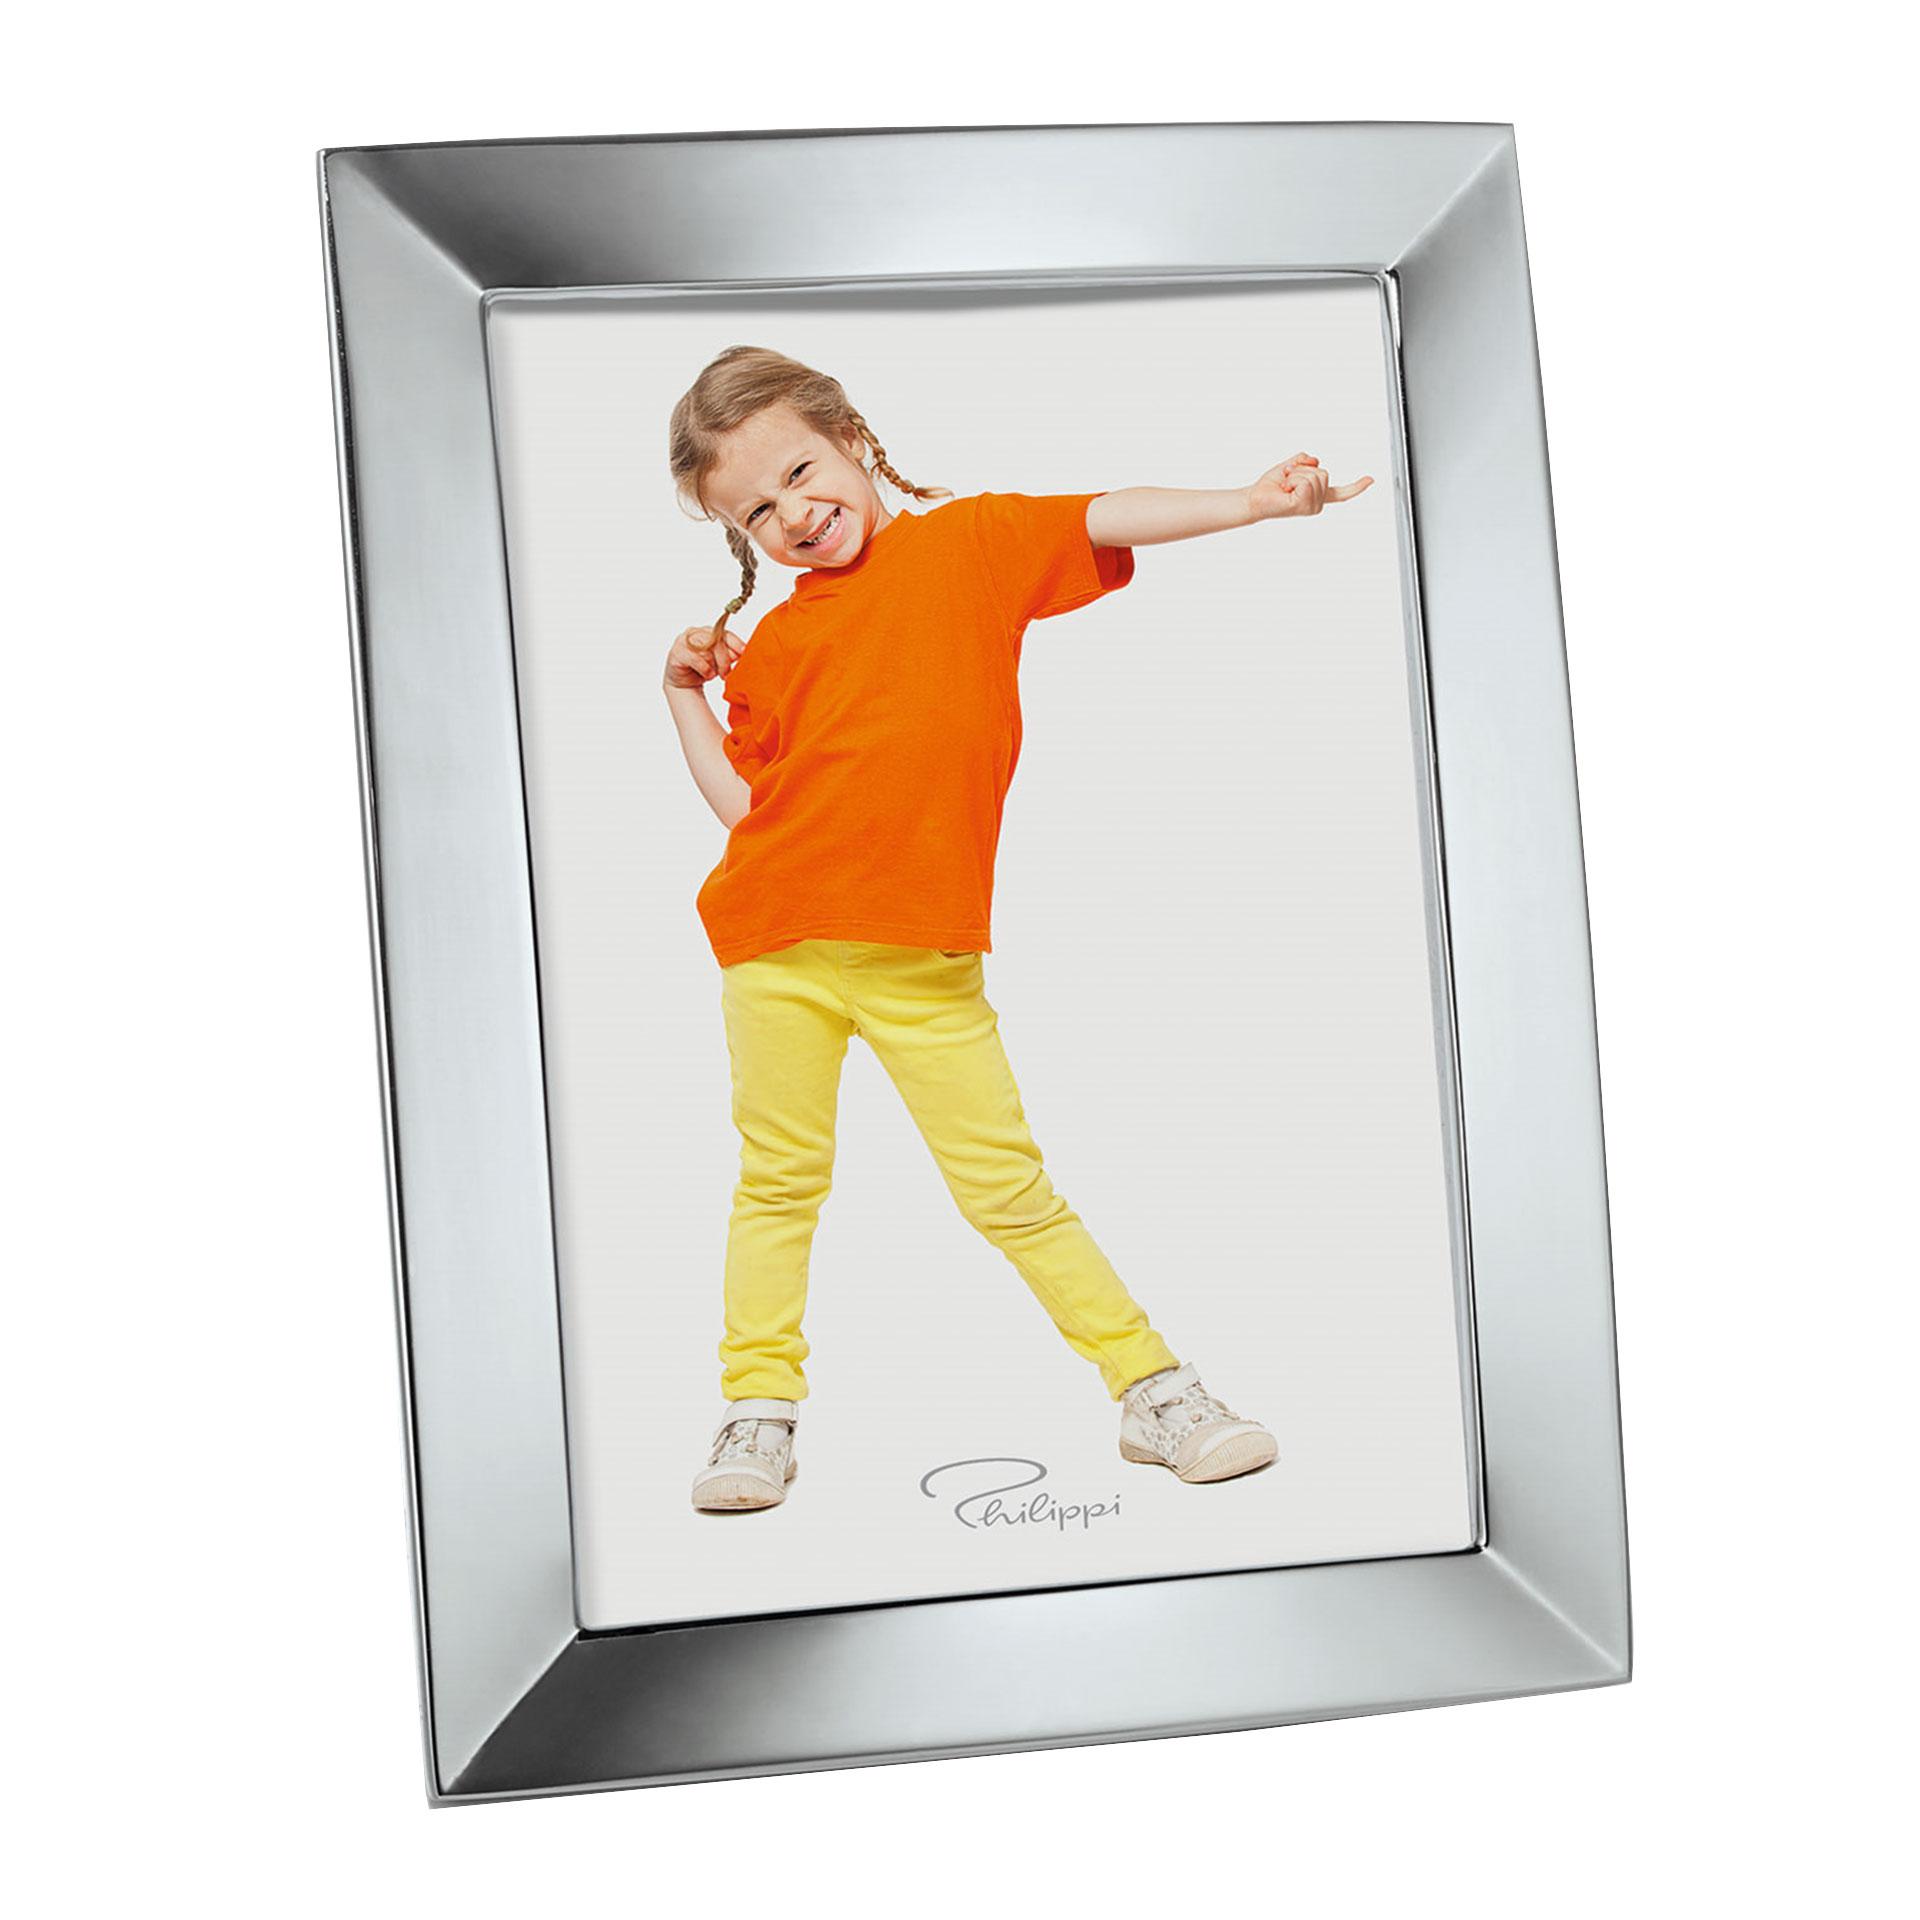 Philippi MIO Bilderrahmen rechteckig 6 x 9 cm hochglanzpoliert